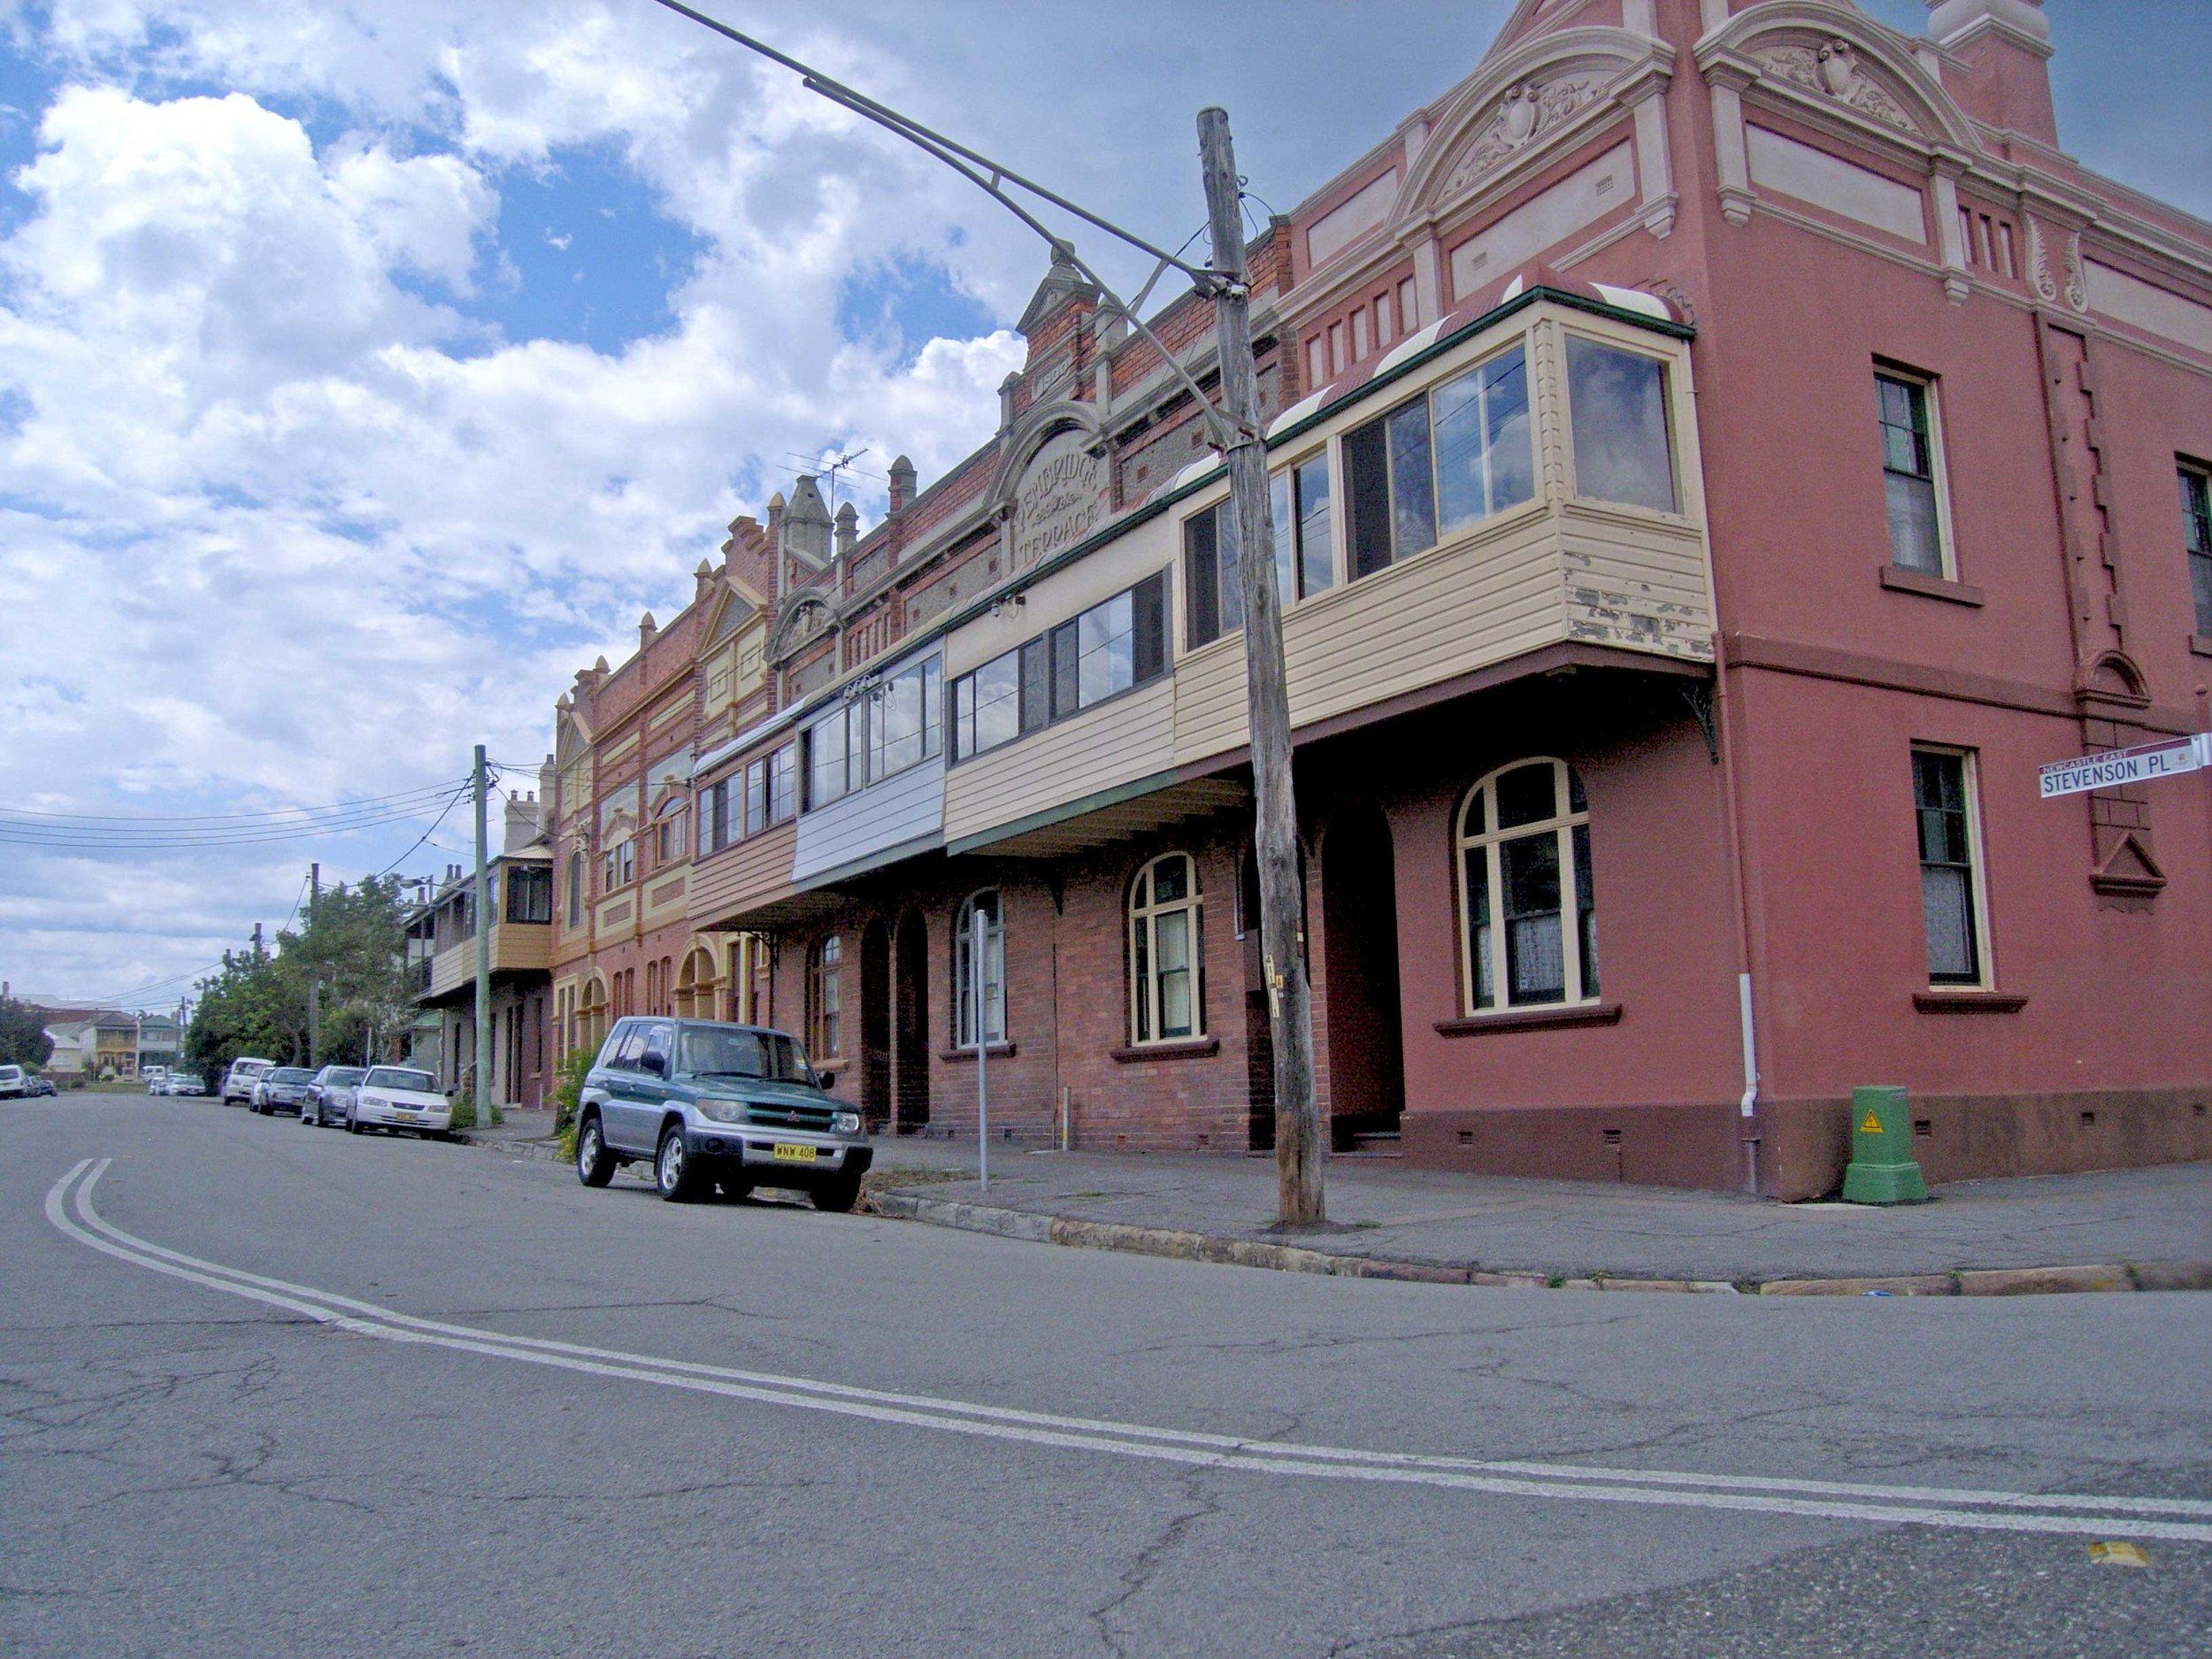 Stevenson-Place.jpg